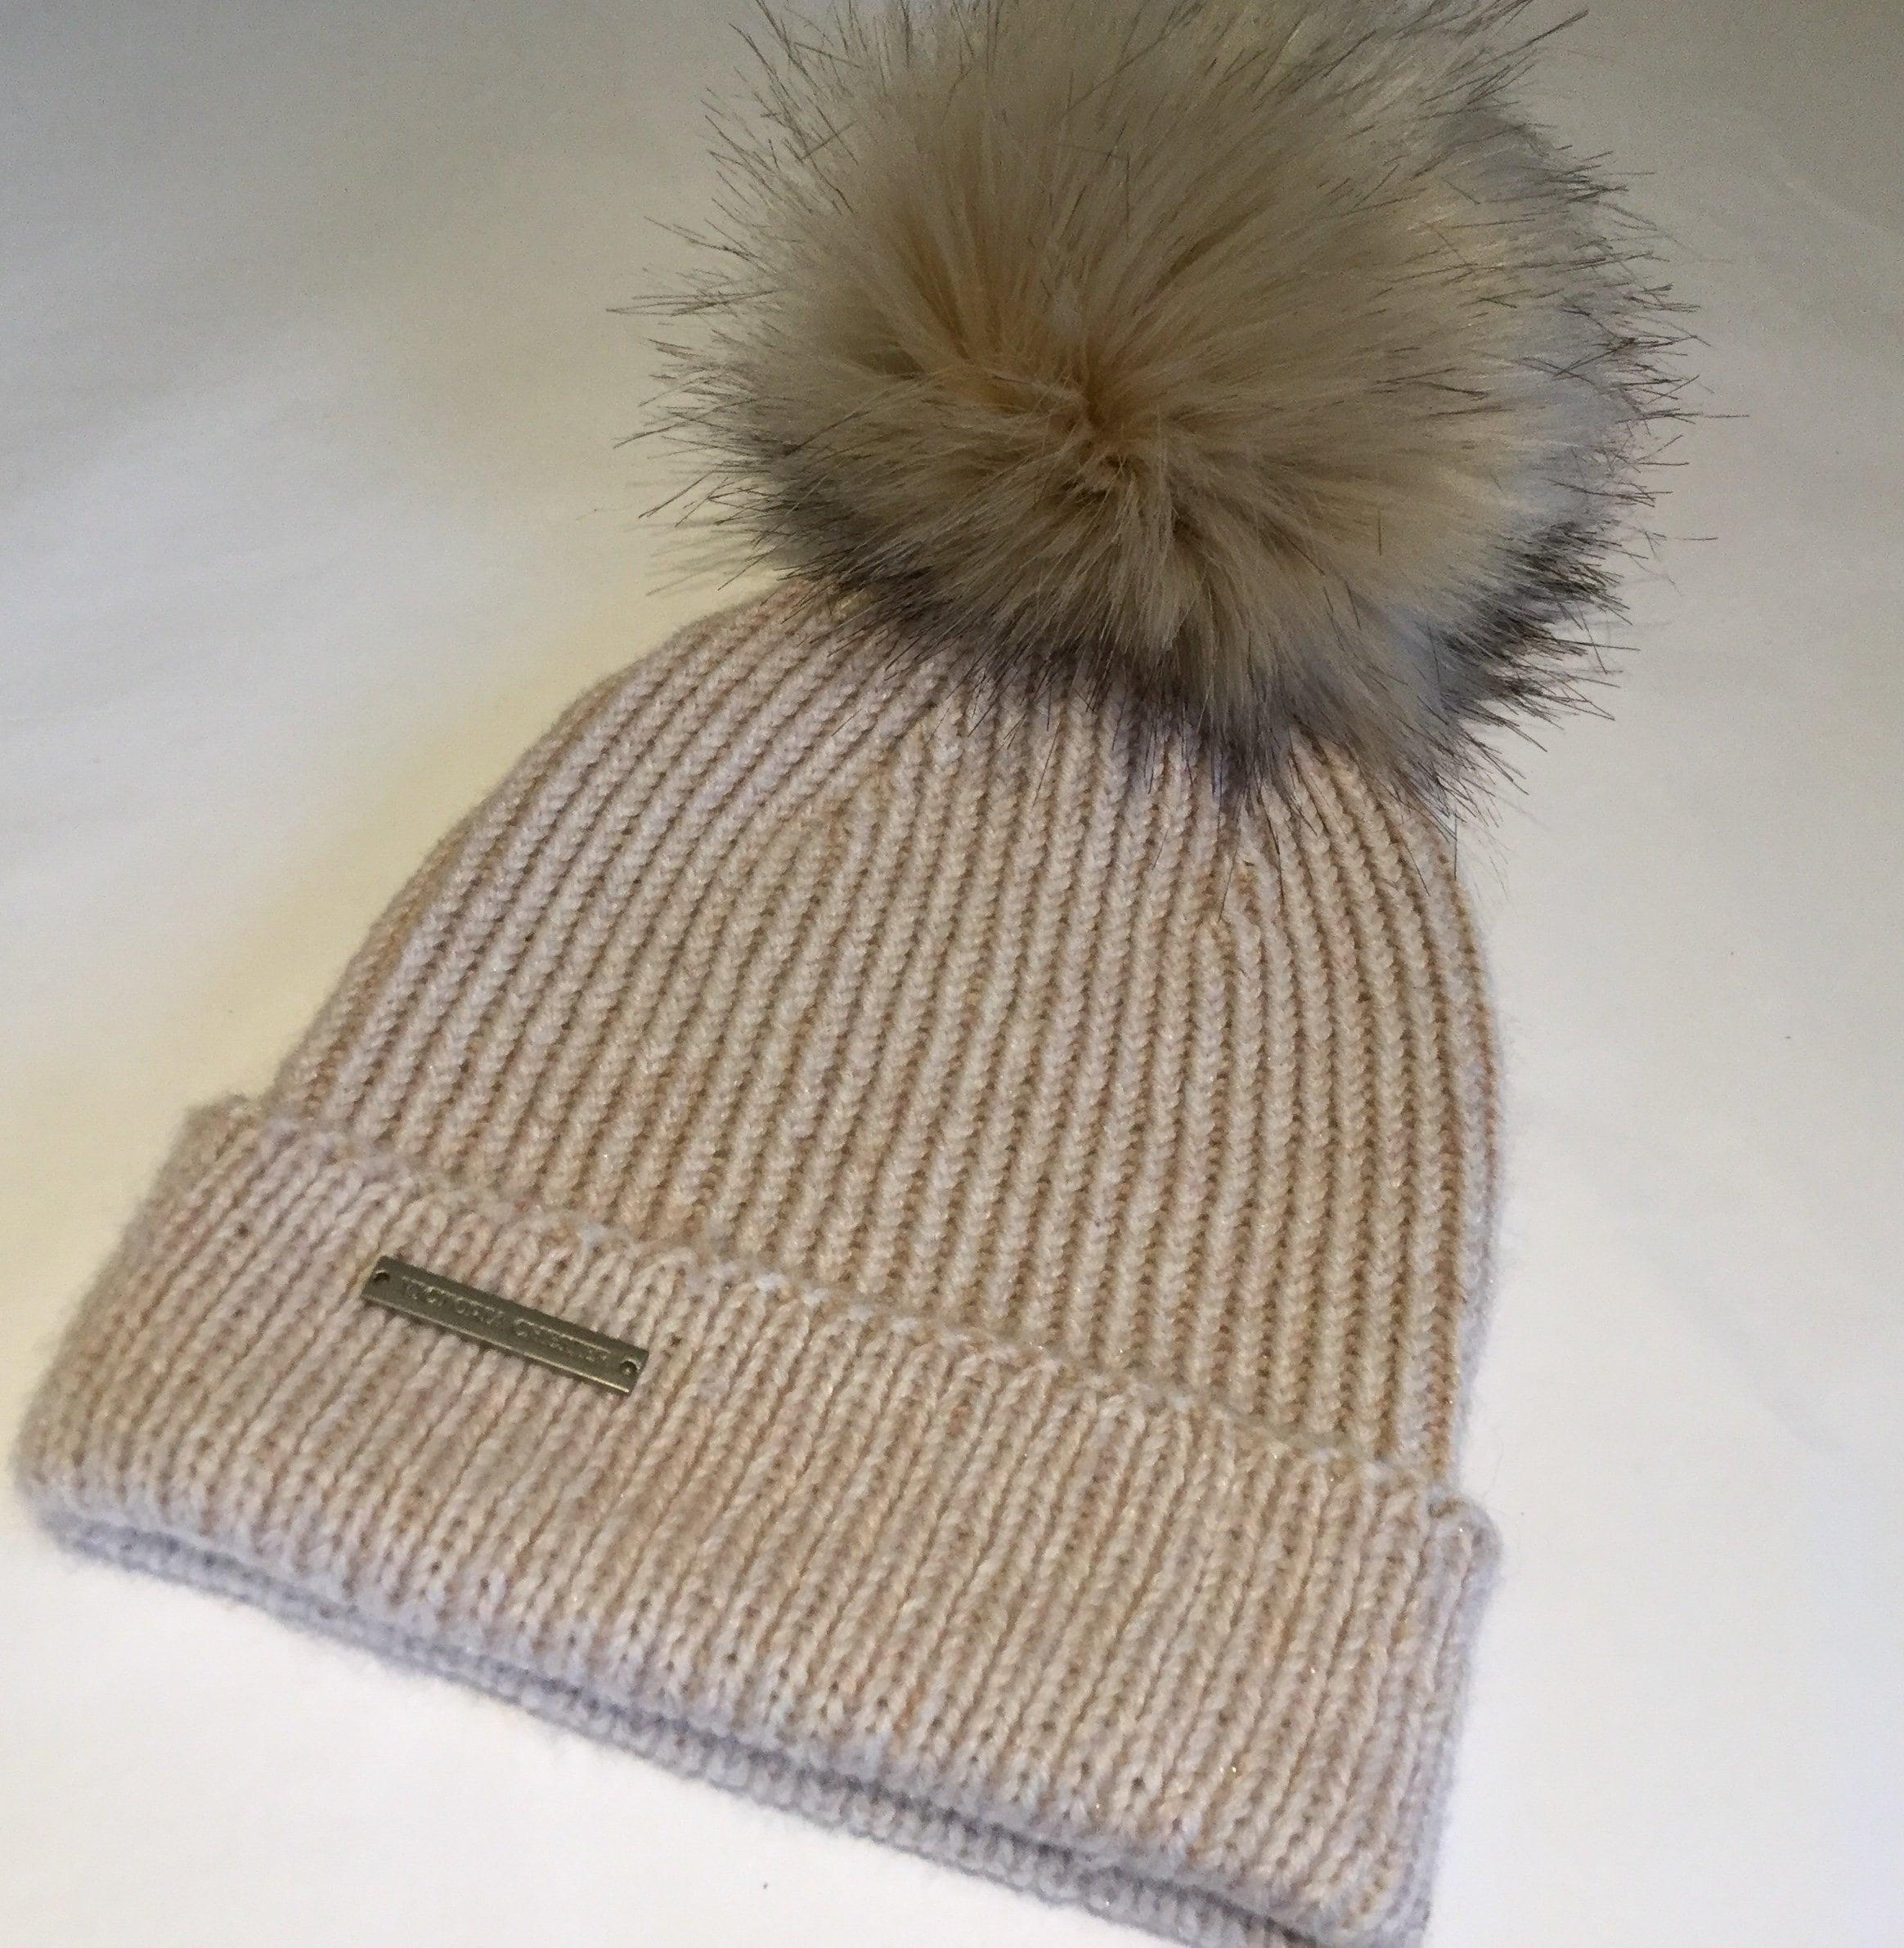 5a9a3e51cc0 Cashmere Pom Pom hat